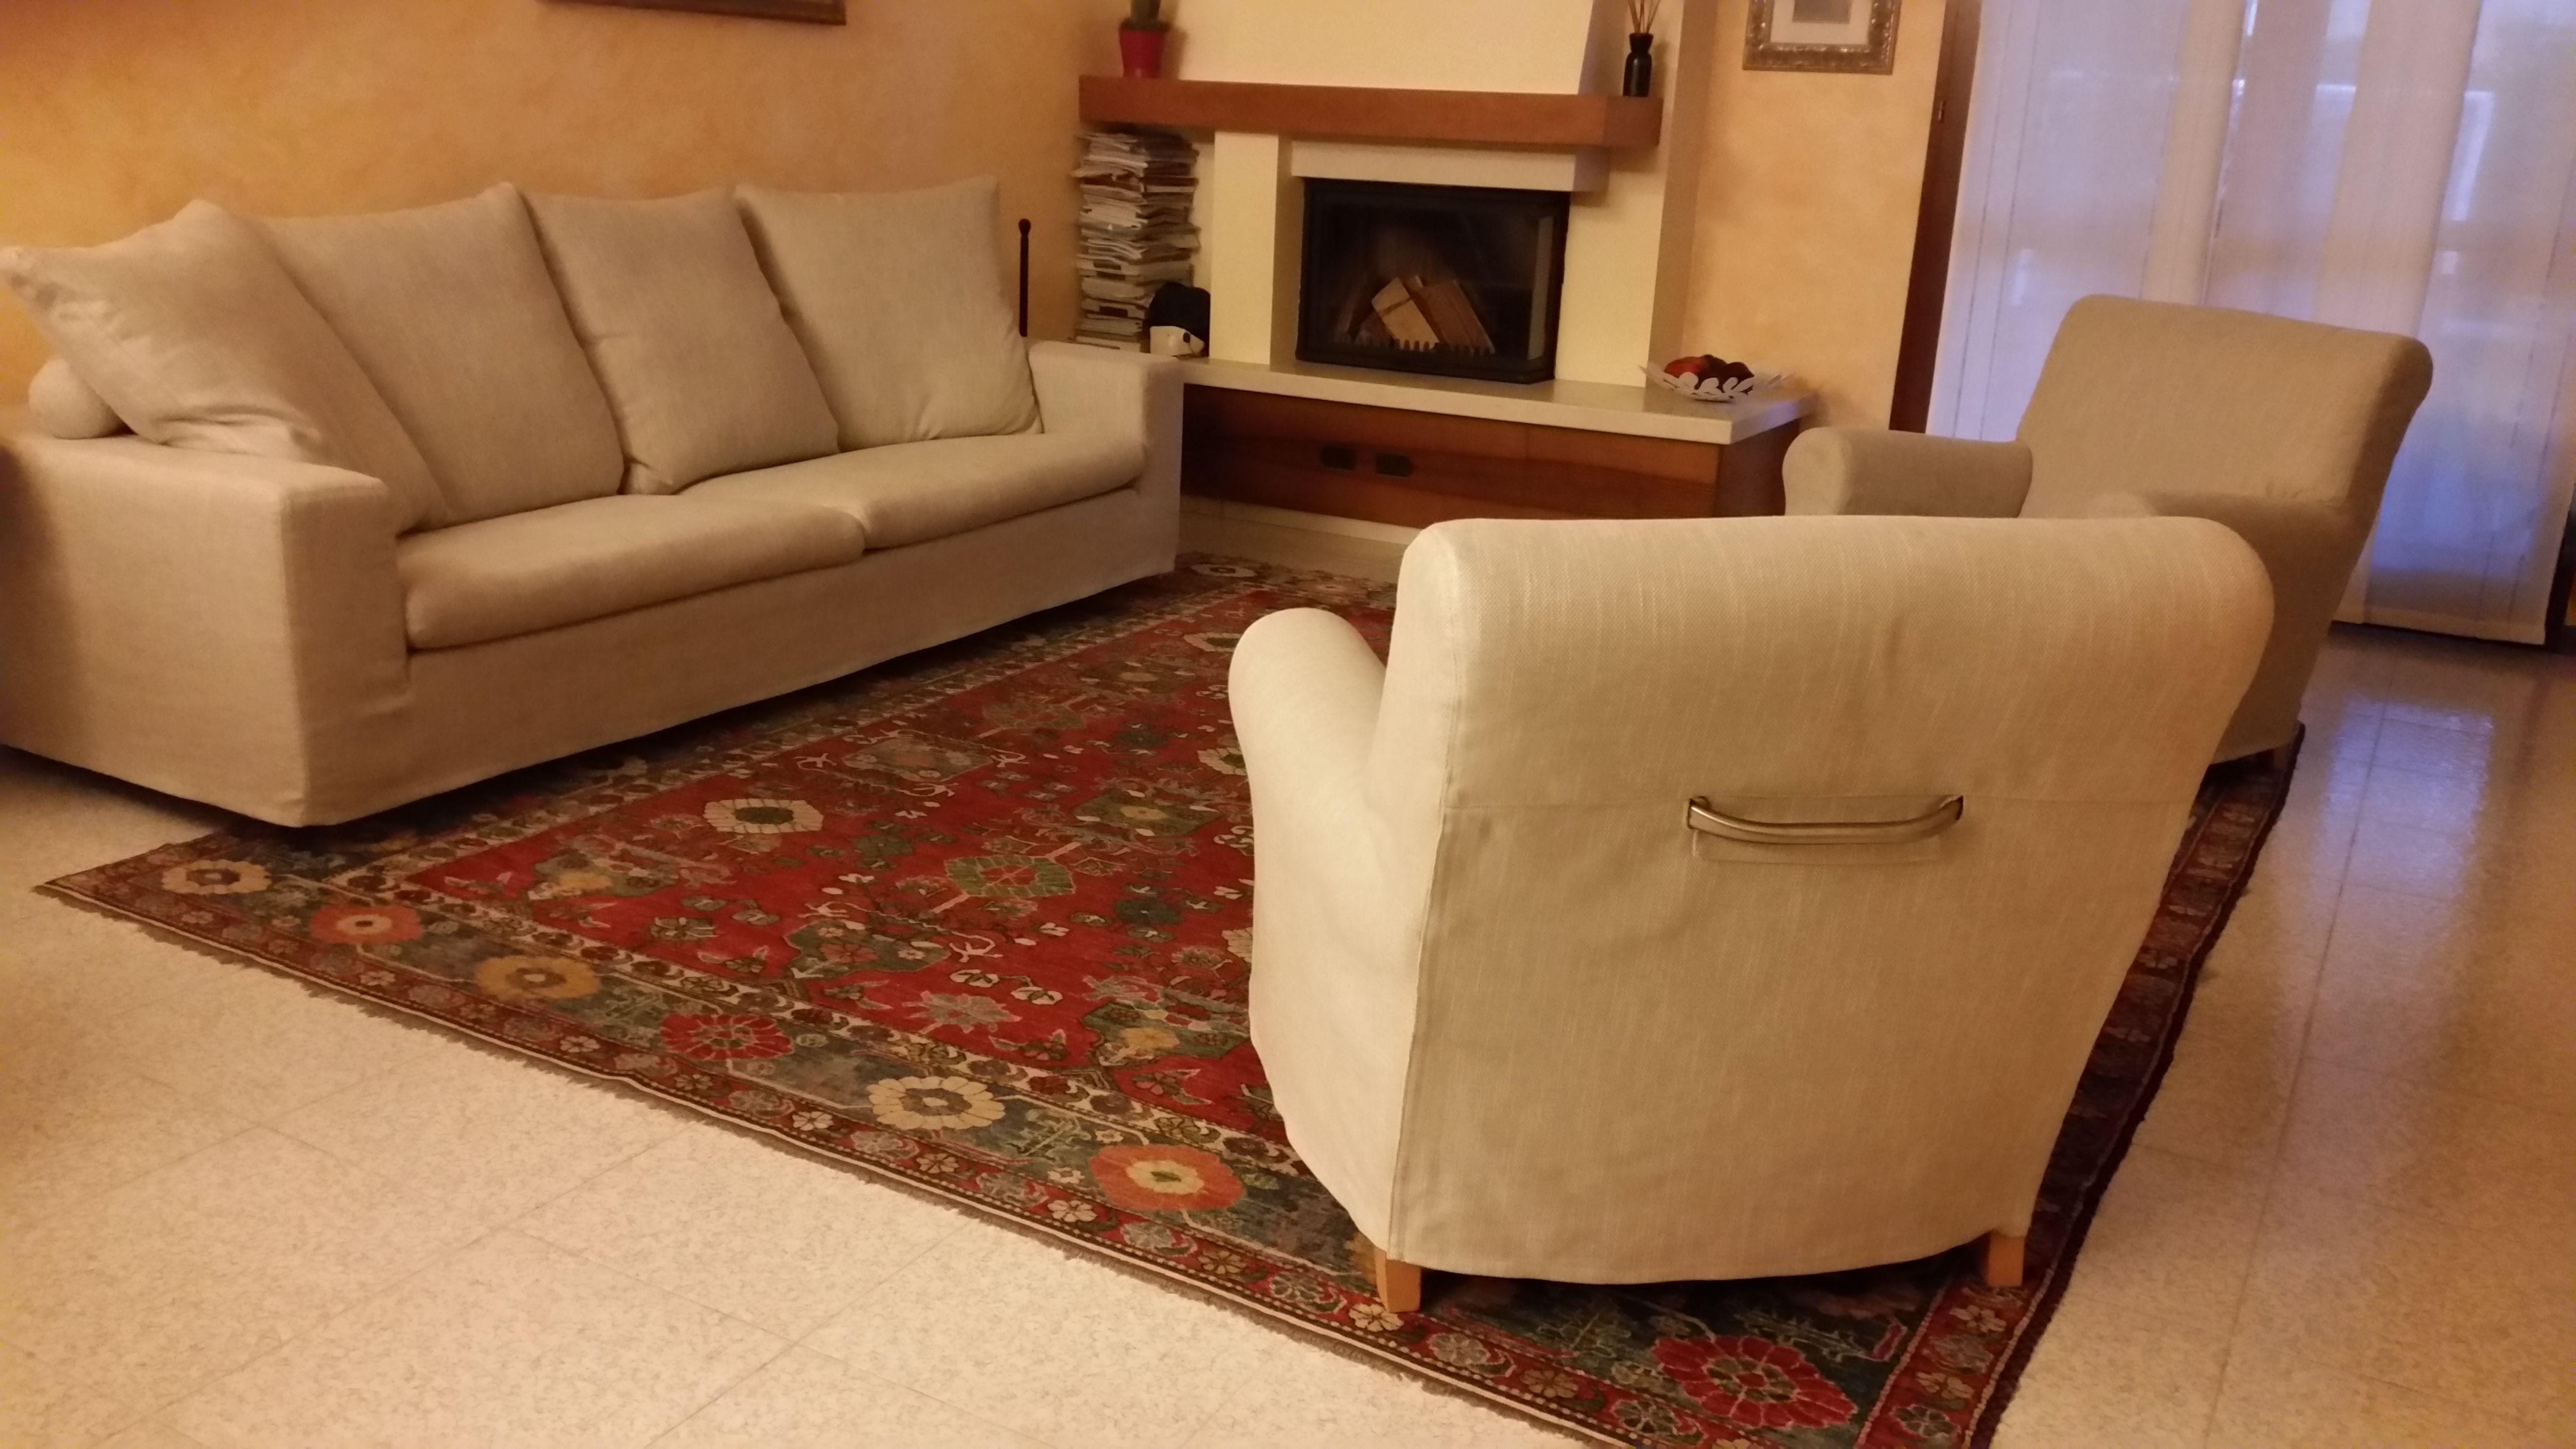 Nostro recente restauro e nuovo rivestimento divano flexform modello poggiolungo e poltrona - Rivestimento divano costo ...